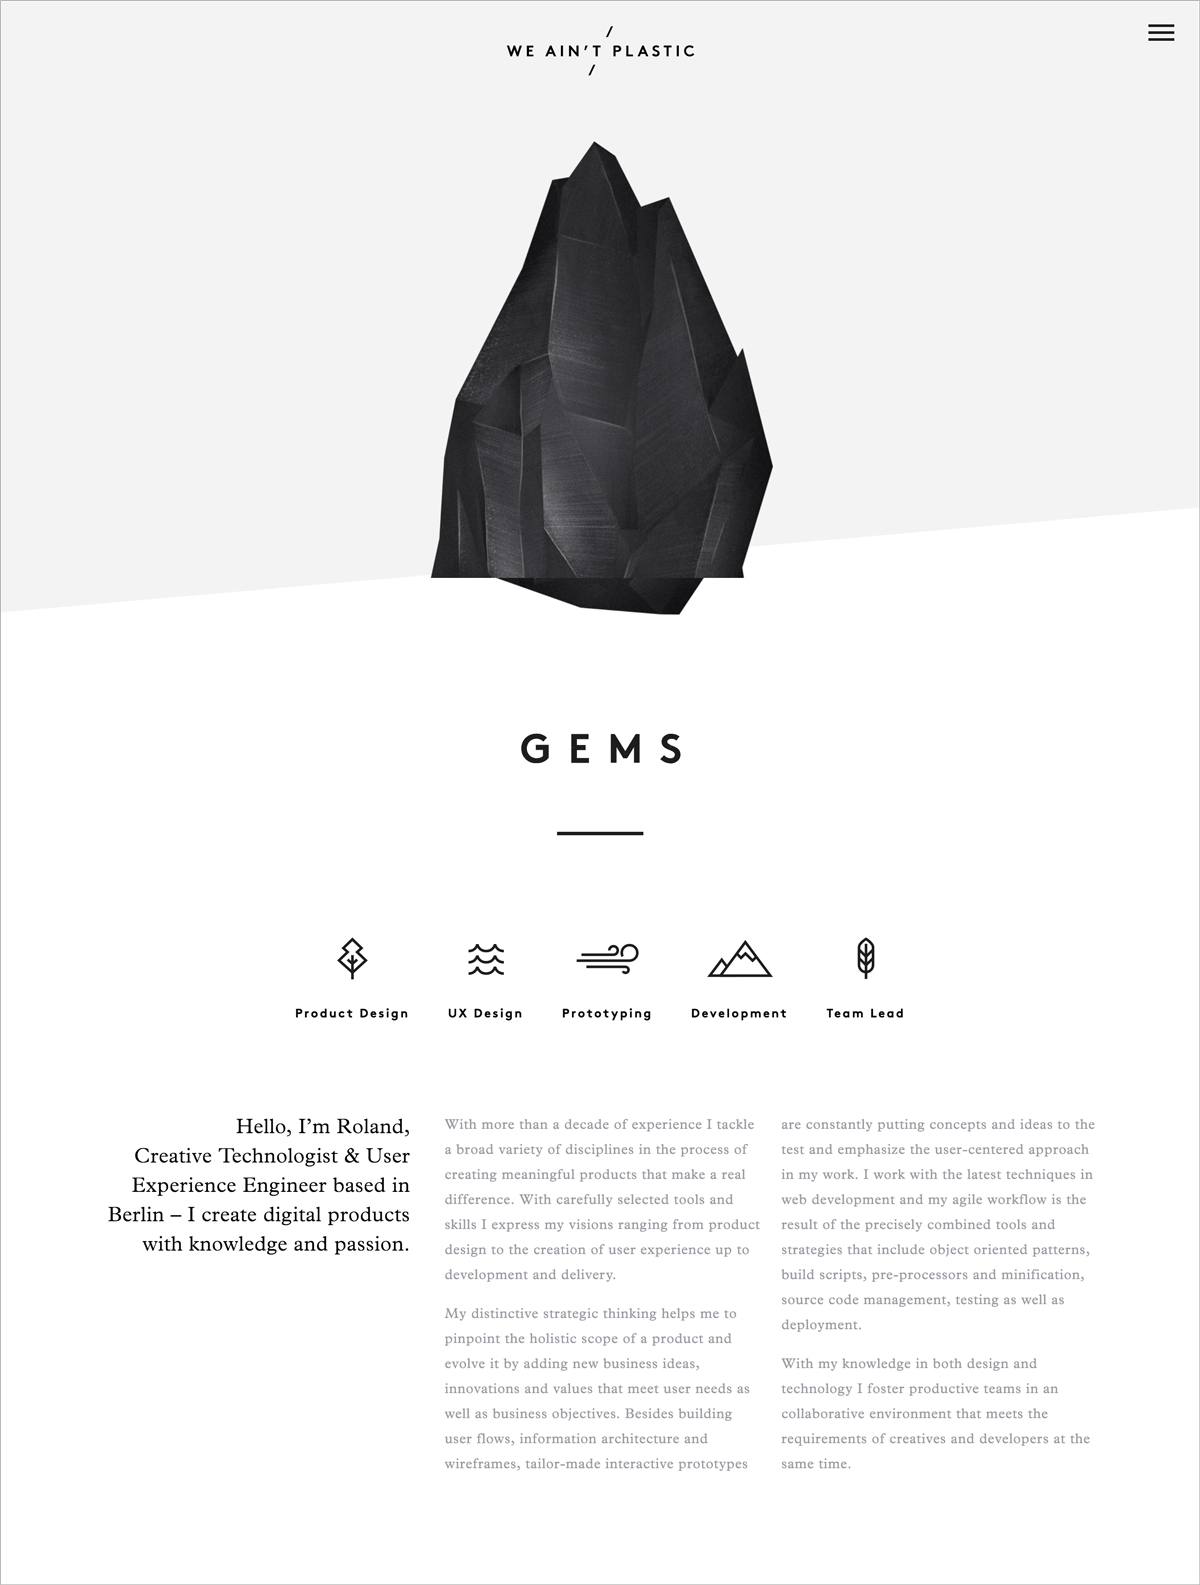 10 + -Ejemplos-de-diseño-minimalista-para-inspirar-sus-propias-creaciones-ejemplos-de-sitios-minimalistas-We-ain-t-plastic